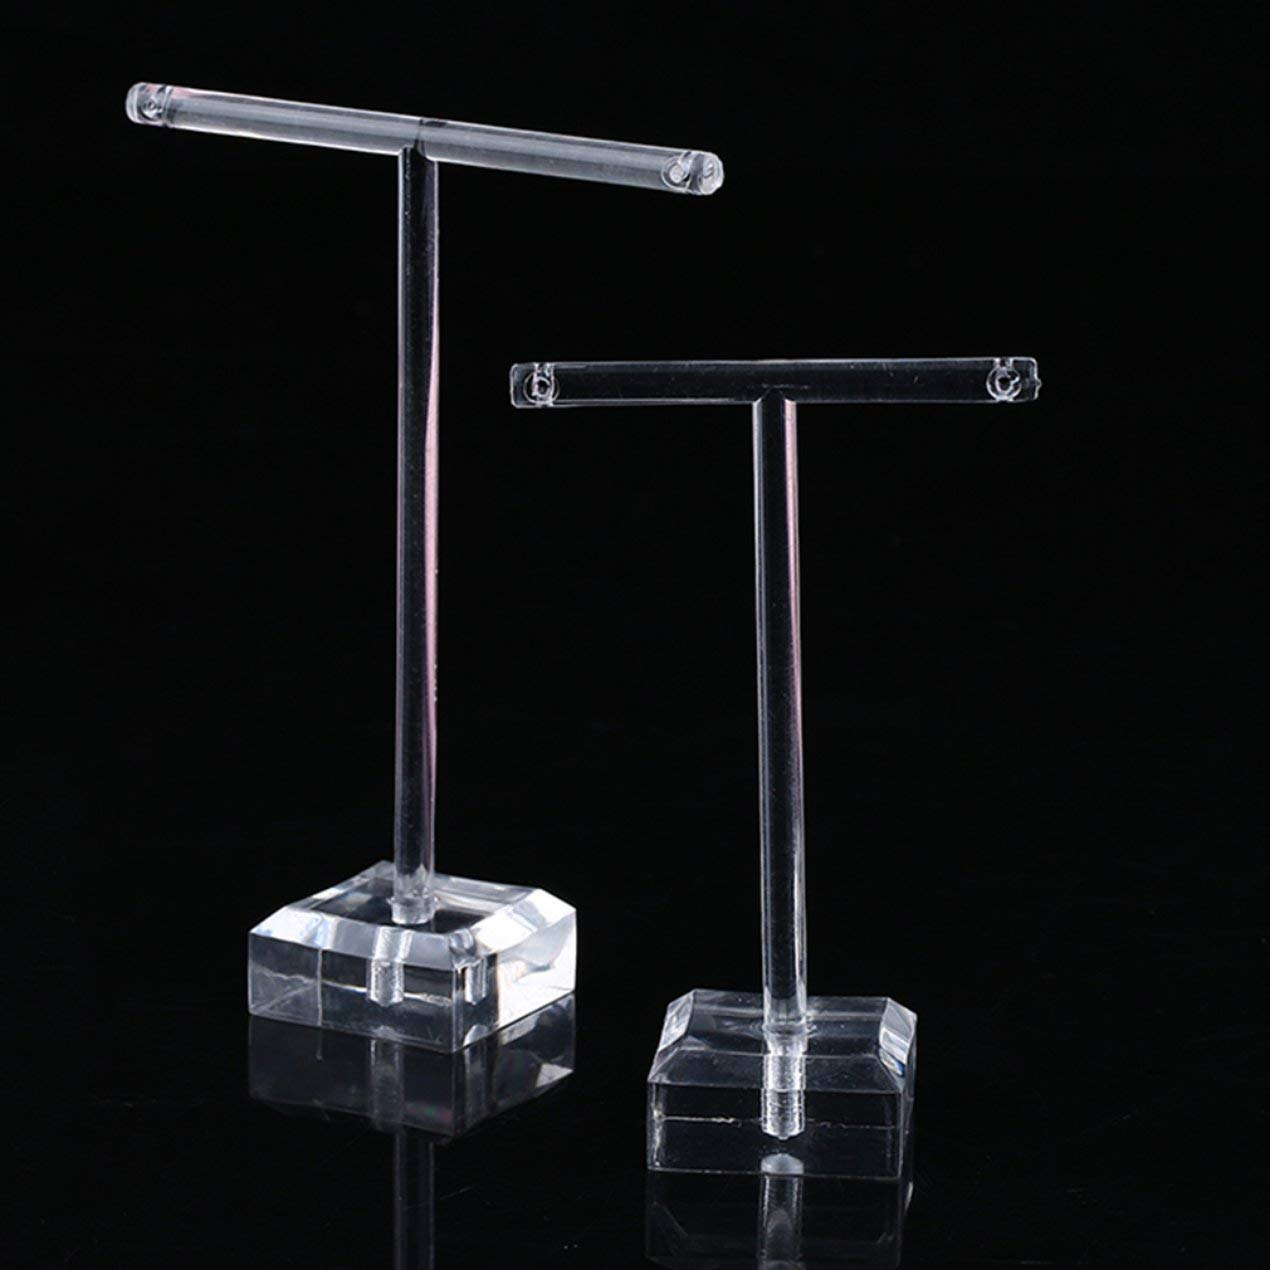 Heraihe 2 Pezzi Trasparente Orecchini di plastica ESPOSITORE T Bar del Basamento del Supporto dell'organizzatore Gioielli Gancio Kit Display Rack